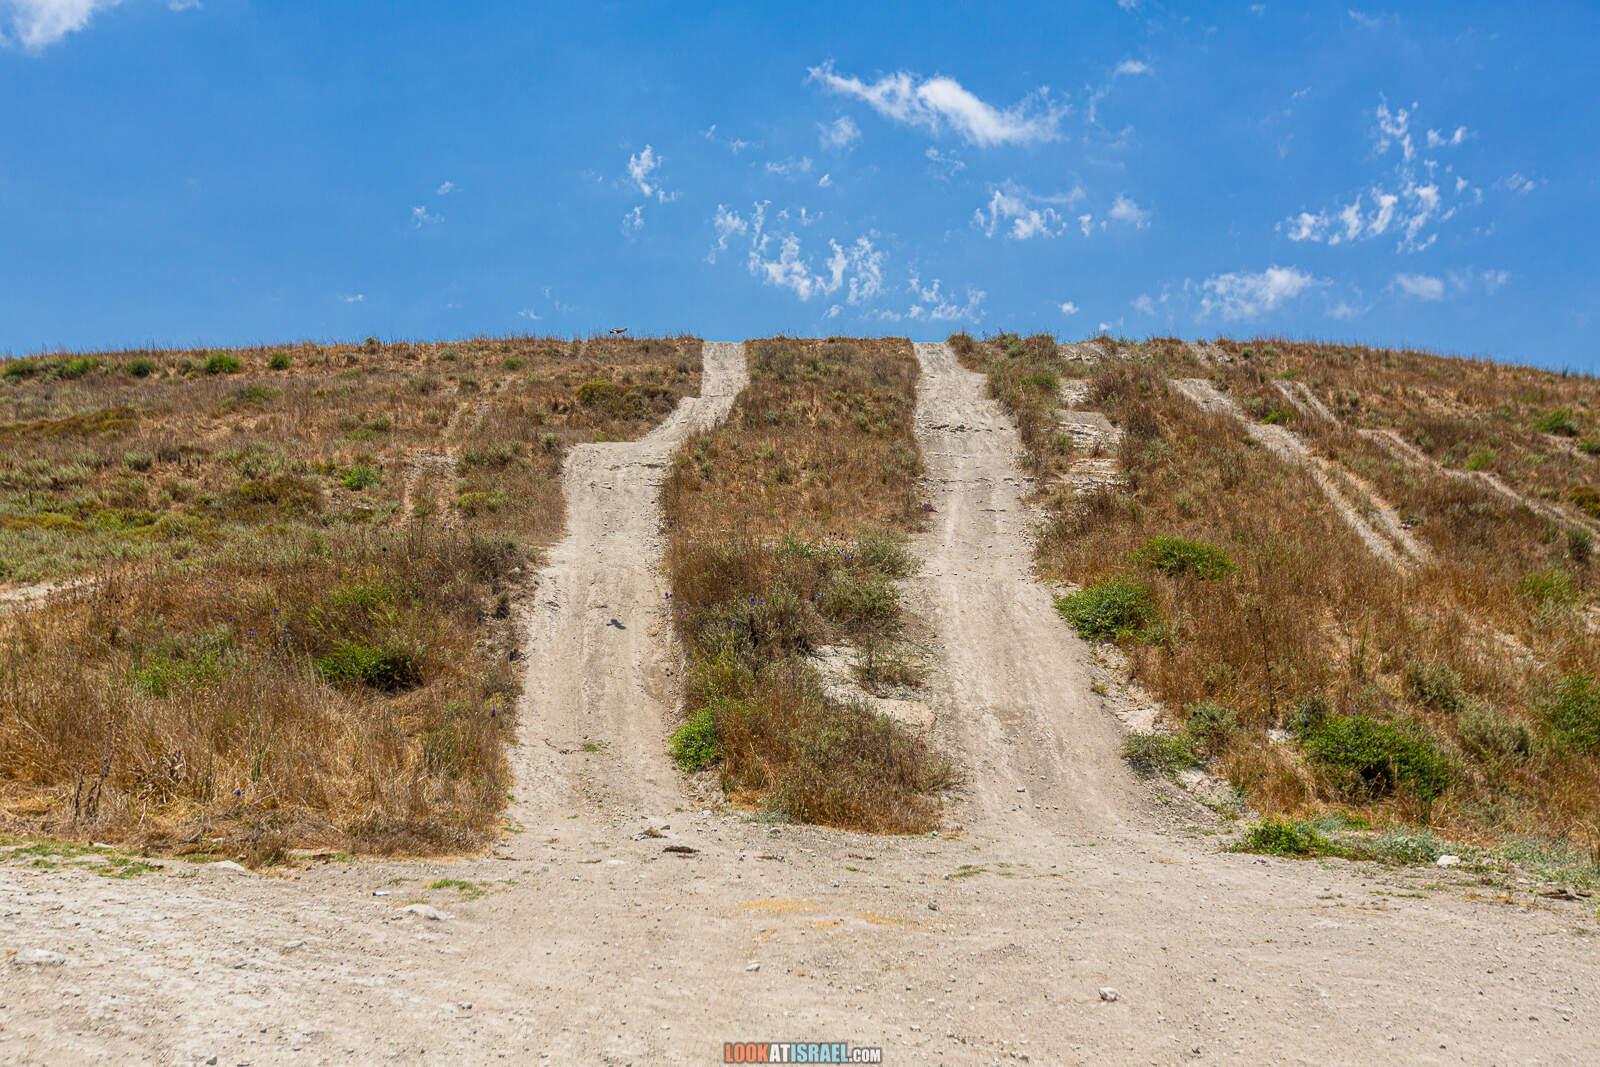 Природные красоты округа Менаше |  LookAtIsrael.com - Фото путешествия по Израилю